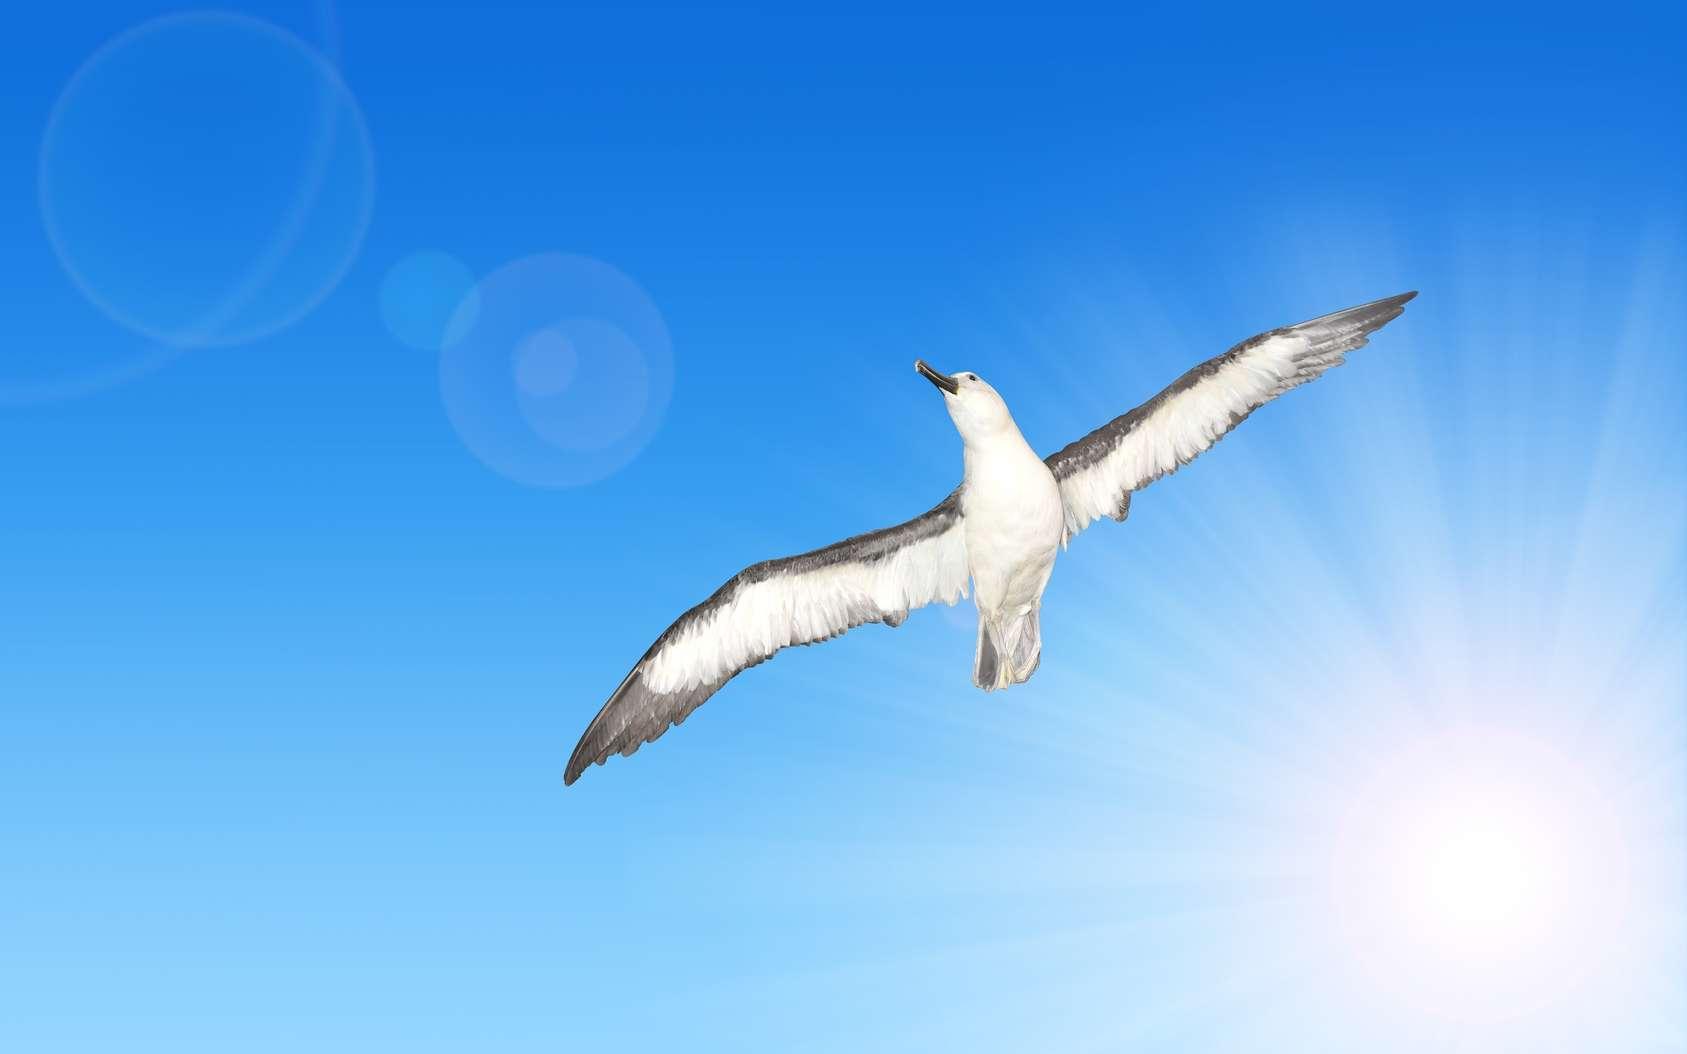 En plein vol, le grand albatros (Diomedea exulans) étend ses ailes qui peuvent atteindre une envergure de 3,70 m. © vencav, Fotolia